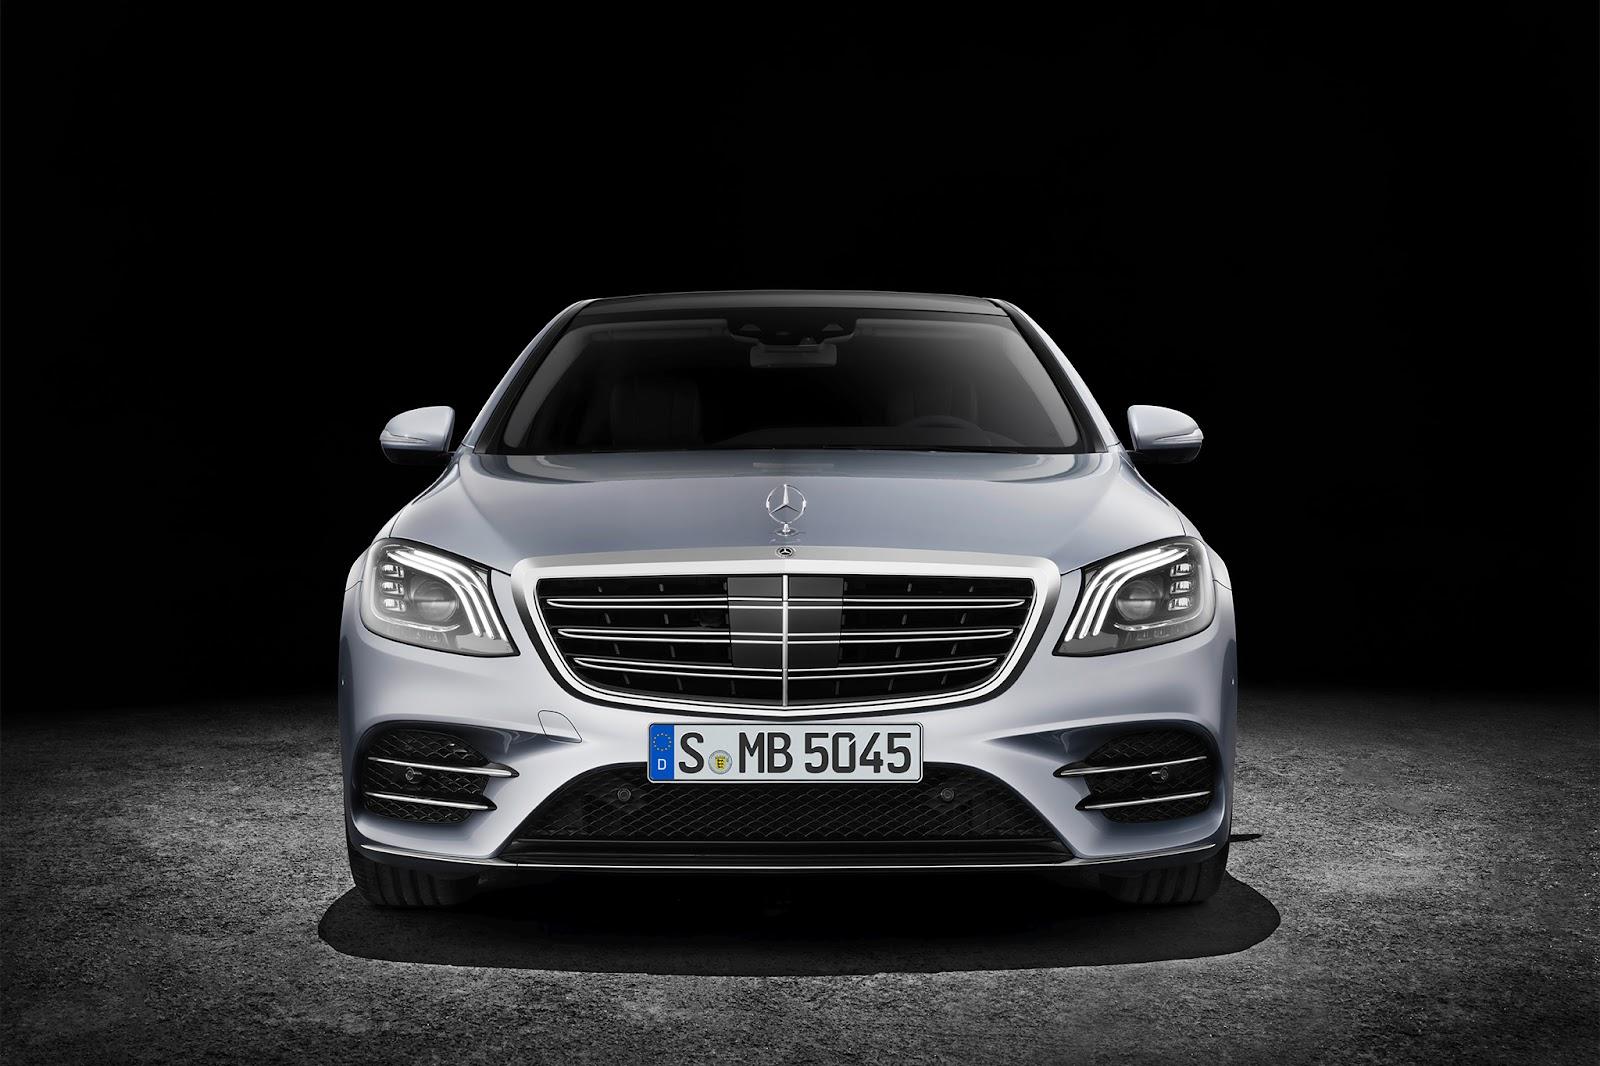 2018-Mercedes-Benz-S-Class-front-view.jpg